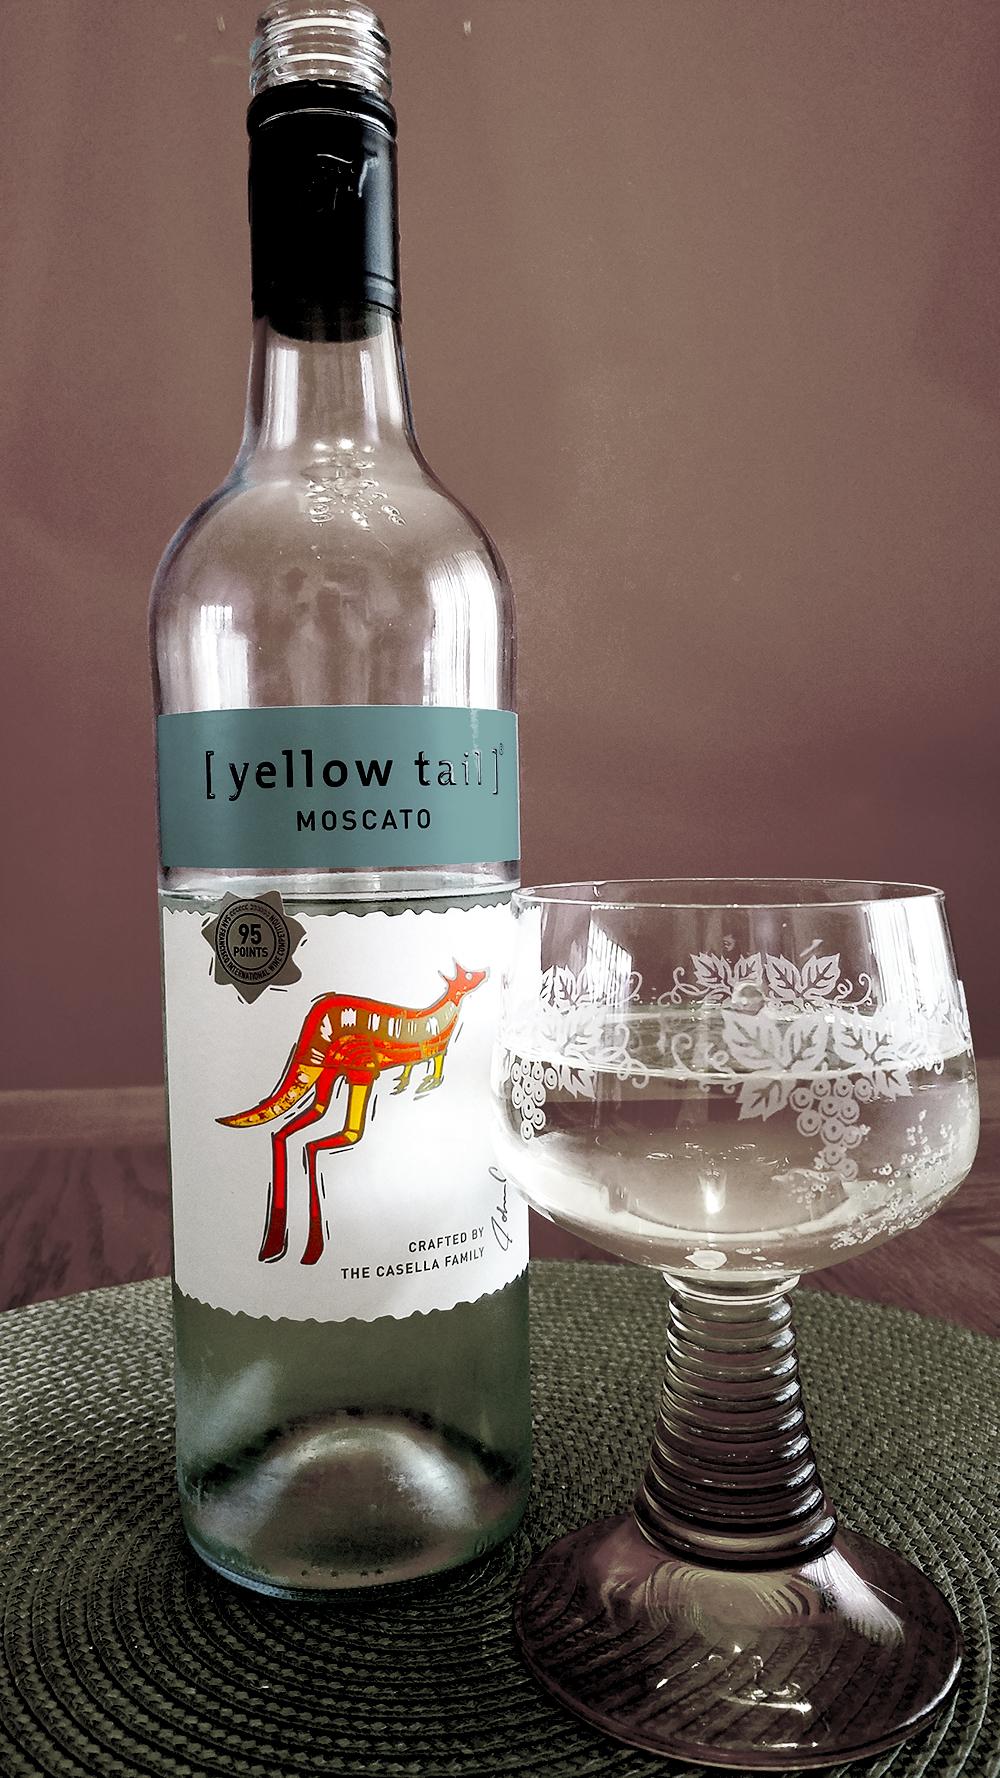 yellowtail-wine-1000-monochrome